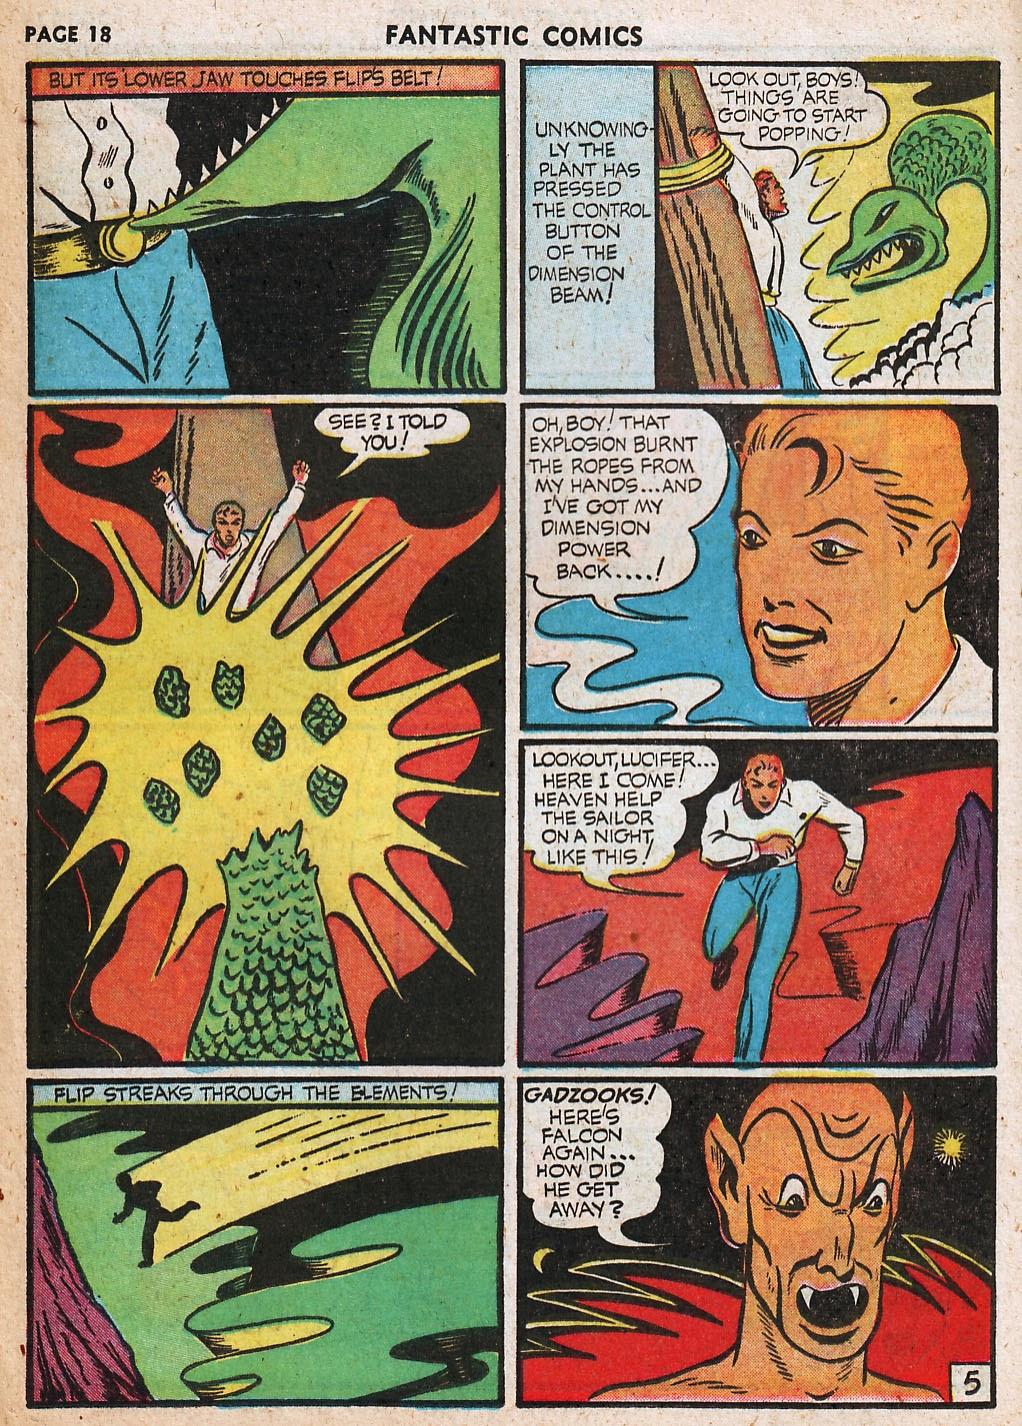 Read online Fantastic Comics comic -  Issue #20 - 19